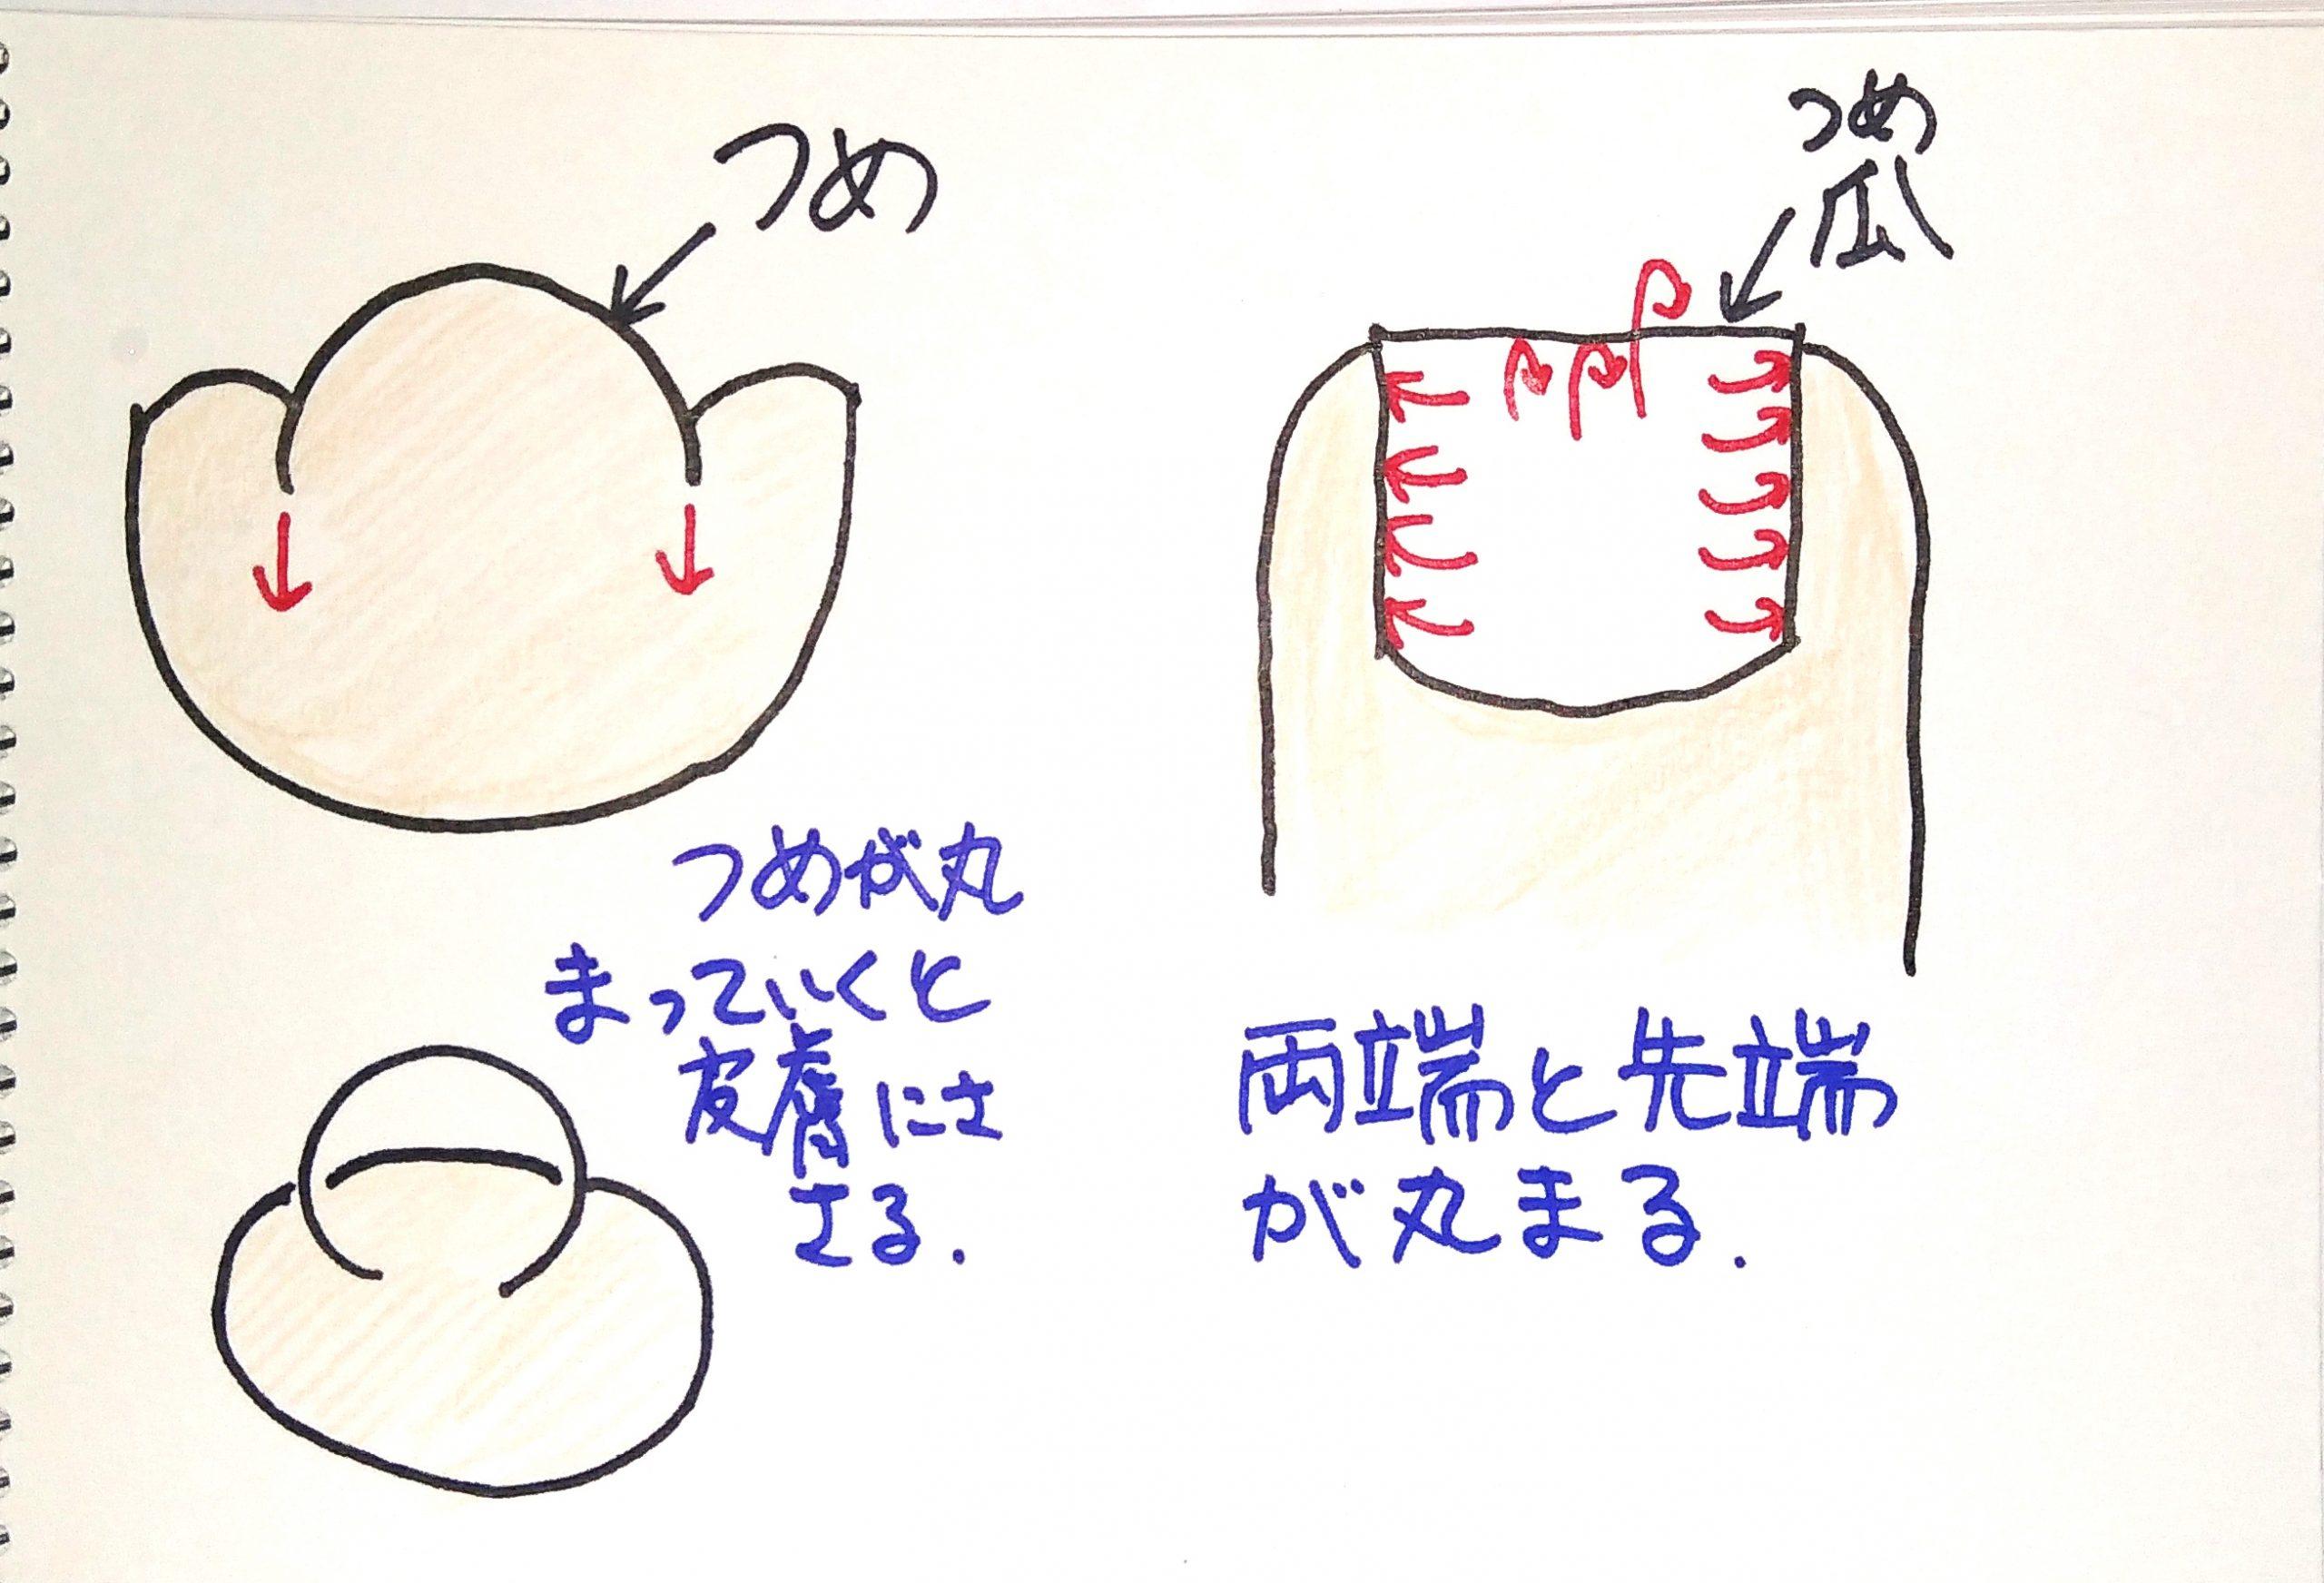 宮城県仙台市 巻き爪 陥入爪 靴合わせ オーダーメイドインソール 根本原因 解決 足のアーチサポート